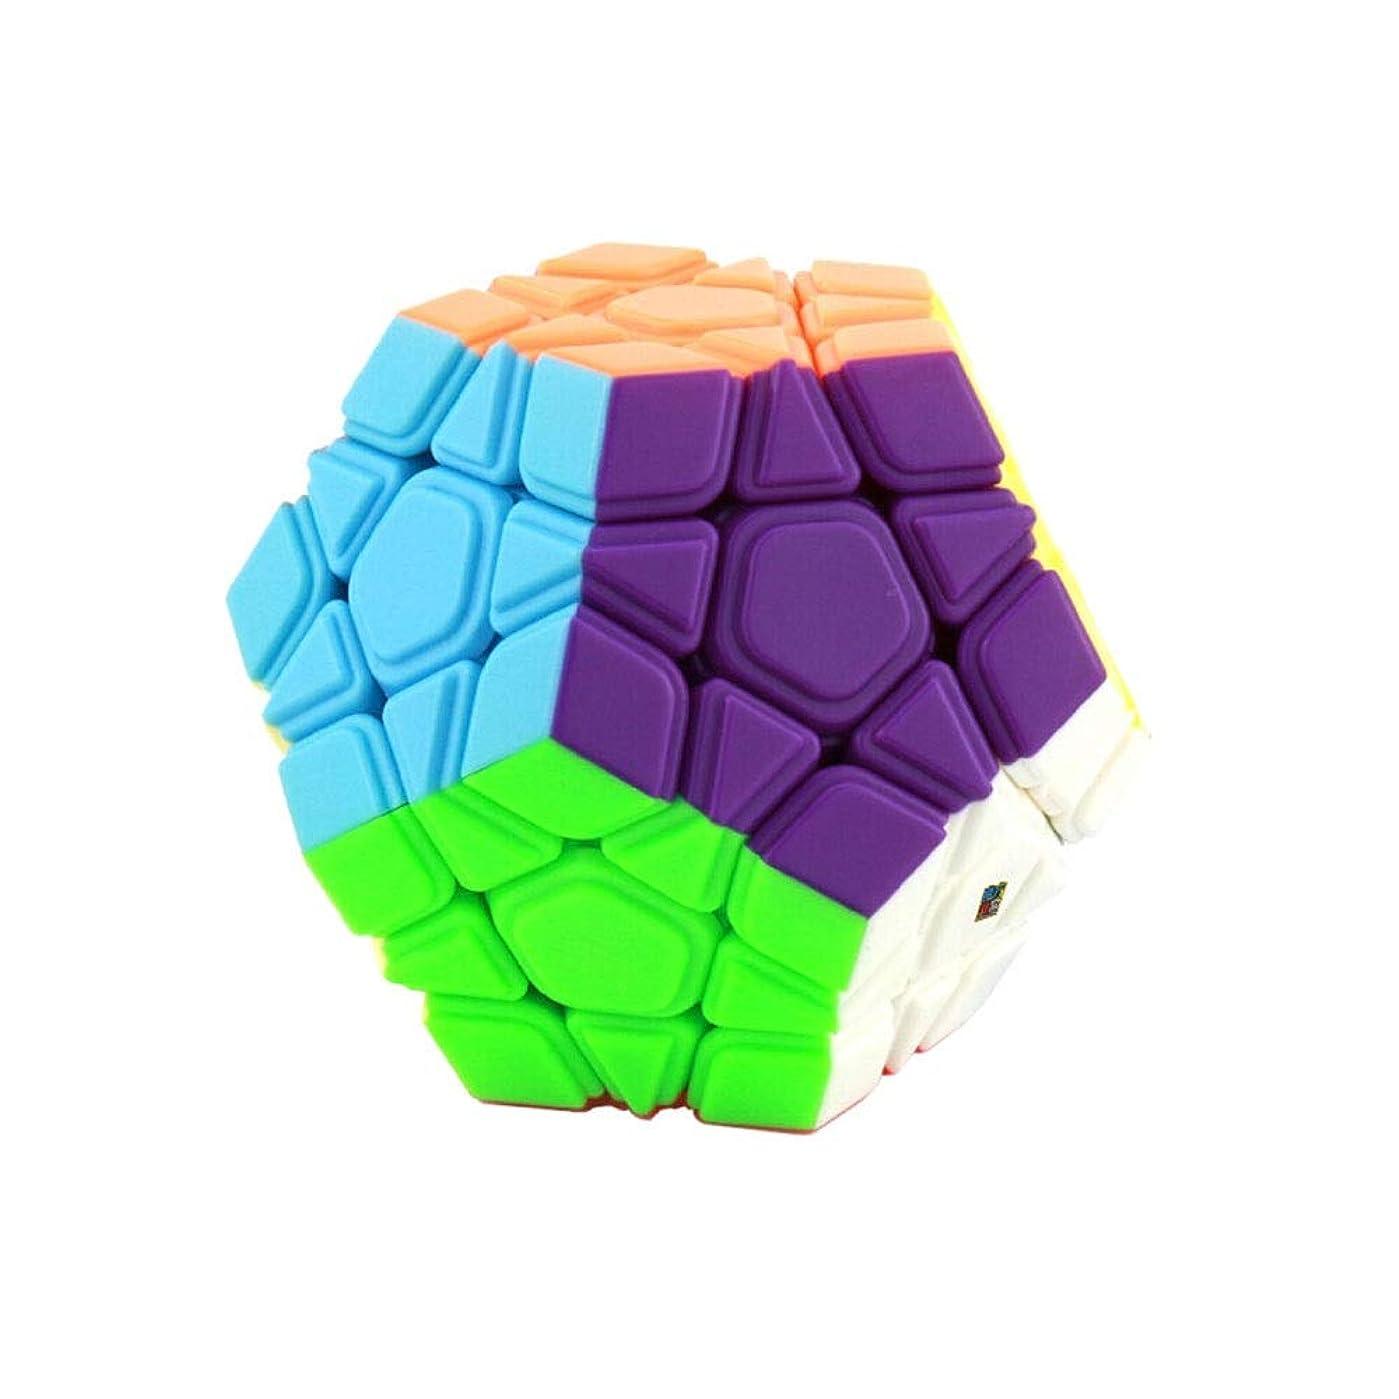 助けて機転ライバルJinfengtongxun ルービックキューブ、スタイリッシュなペンタゴンスタイルのデザイン、スムーズで手間のかからない、贈り物としても可能な、指を中心としたアイテムとして使用することができます(三次) 丈夫 (Edition : Pentagonal)